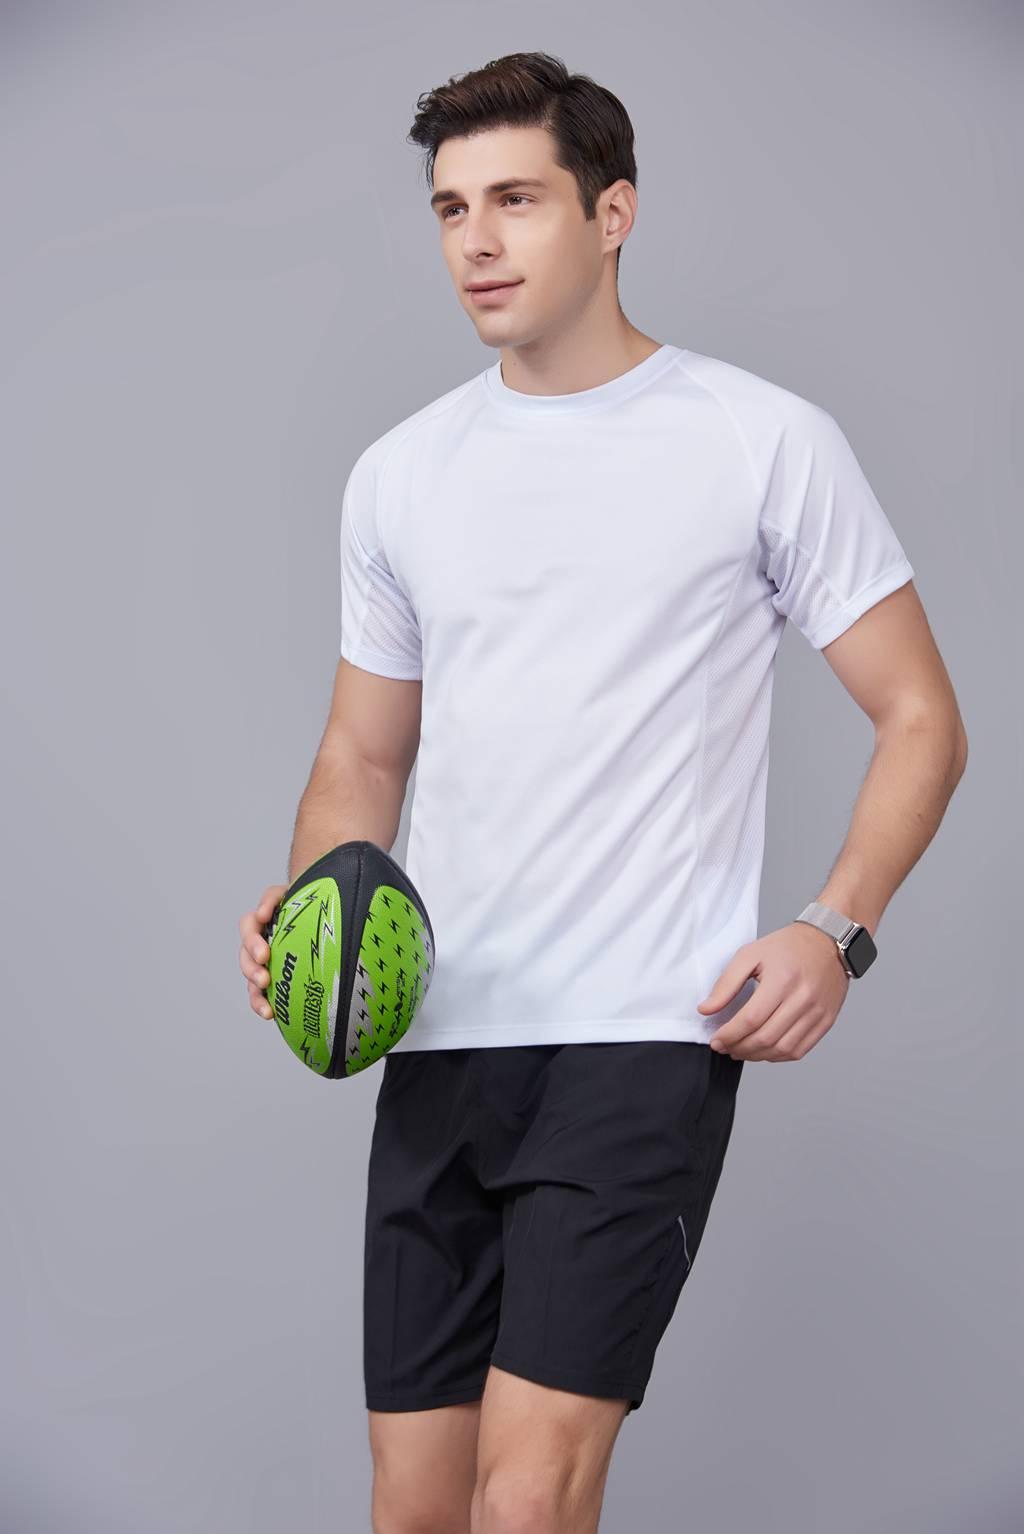 纯色T恤  简约大方经典时尚  白色款